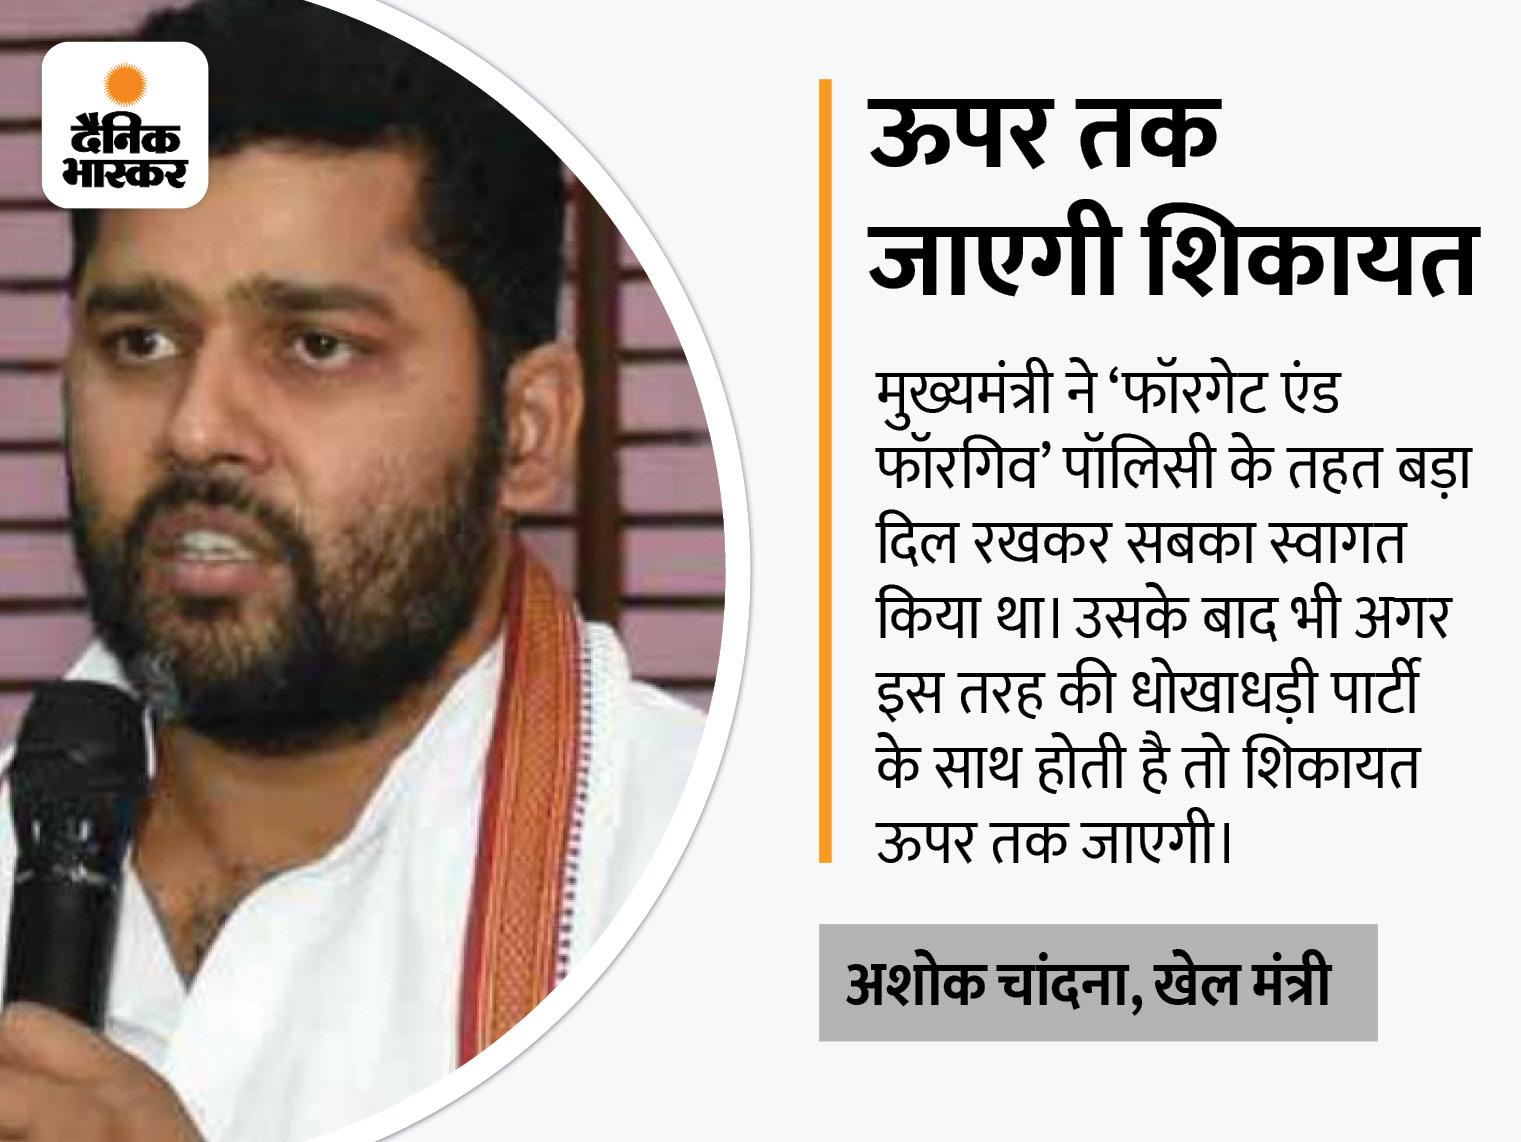 अशोक चांदना बोले-कुछ 'जयचंद' एक साल पहले बीजेपी के हाथ बिक चुके, कांग्रेस में रहकर पार्टी को हरवाया जयपुर,Jaipur - Dainik Bhaskar